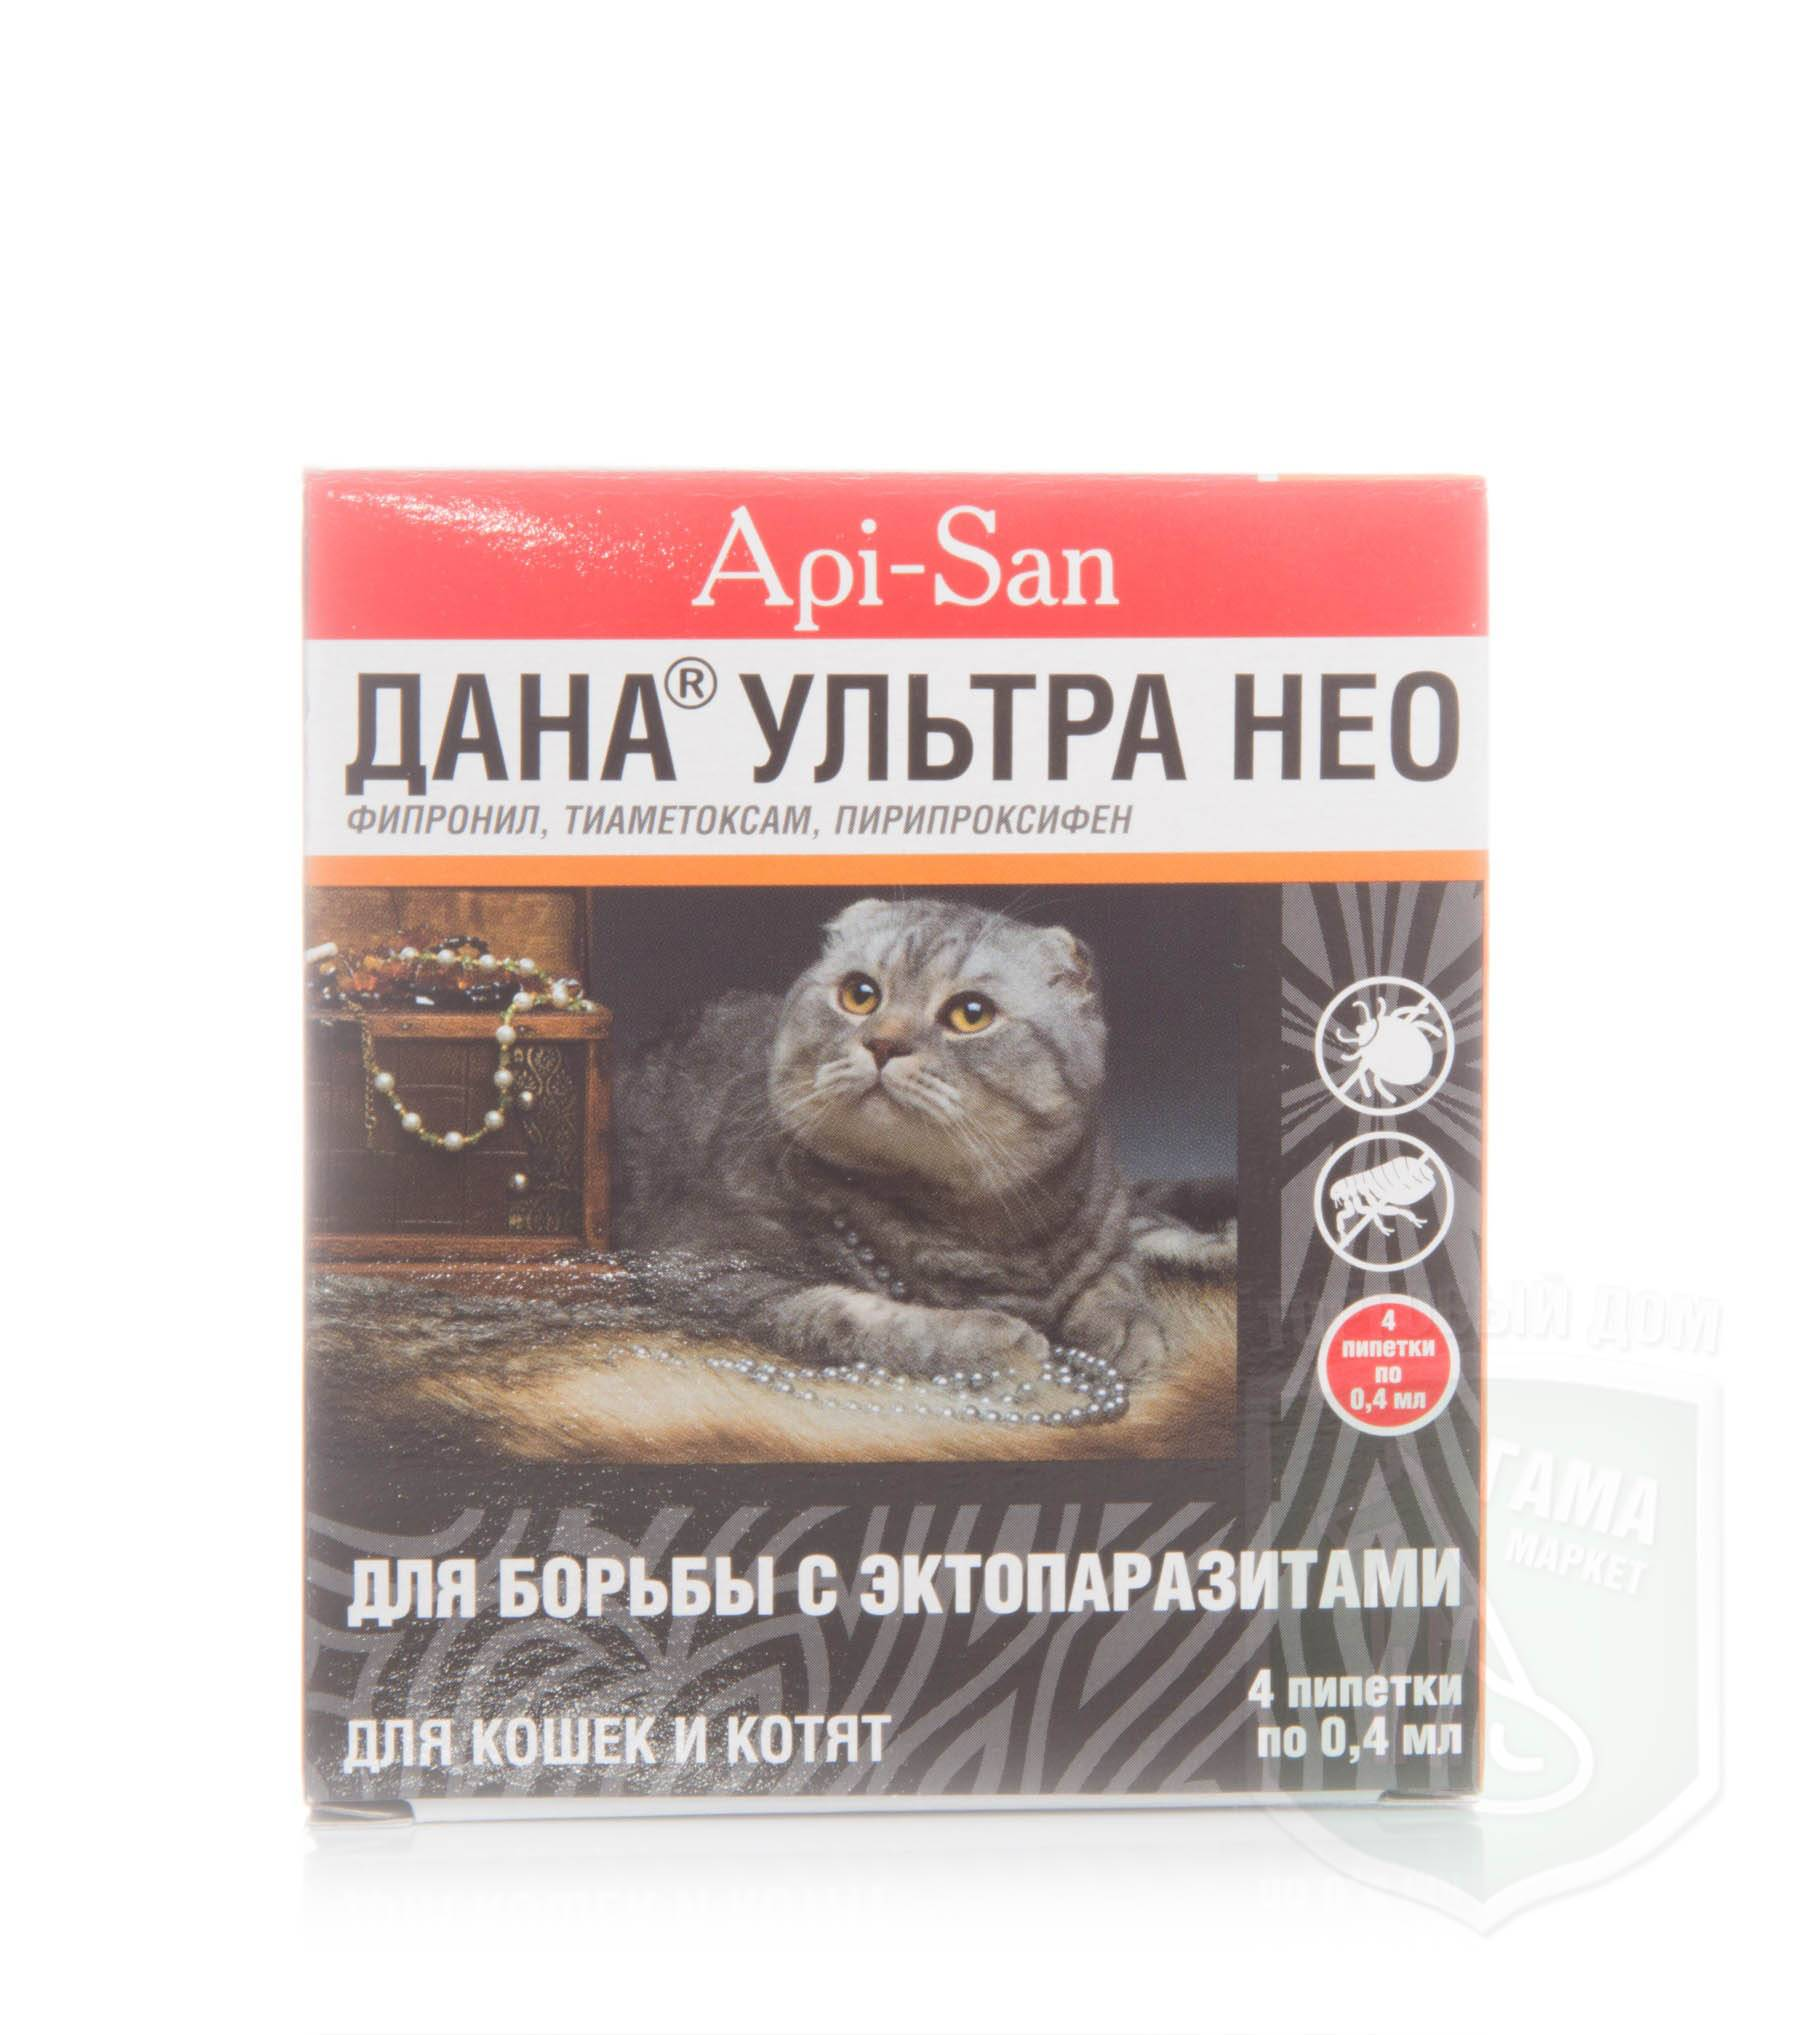 Api-san дана ультра против паразитов капли нахолку 0,4 мл